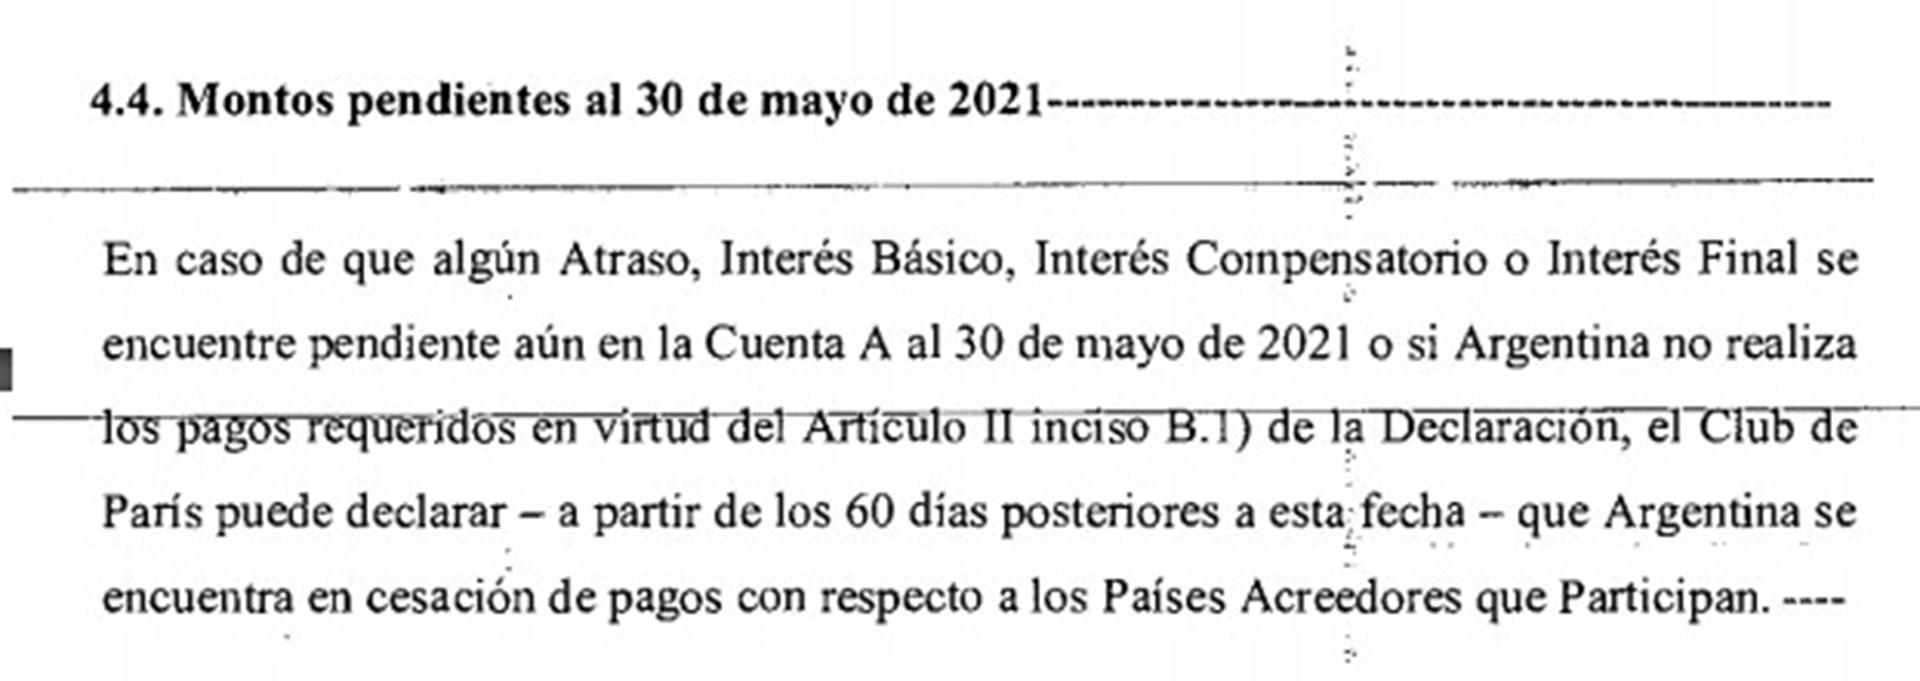 El acuerdo firmado por Axel Kicillof en 2014 finalizará este lunes y tras siete años de vigencia, el país aún debe USD 2.400 millones.